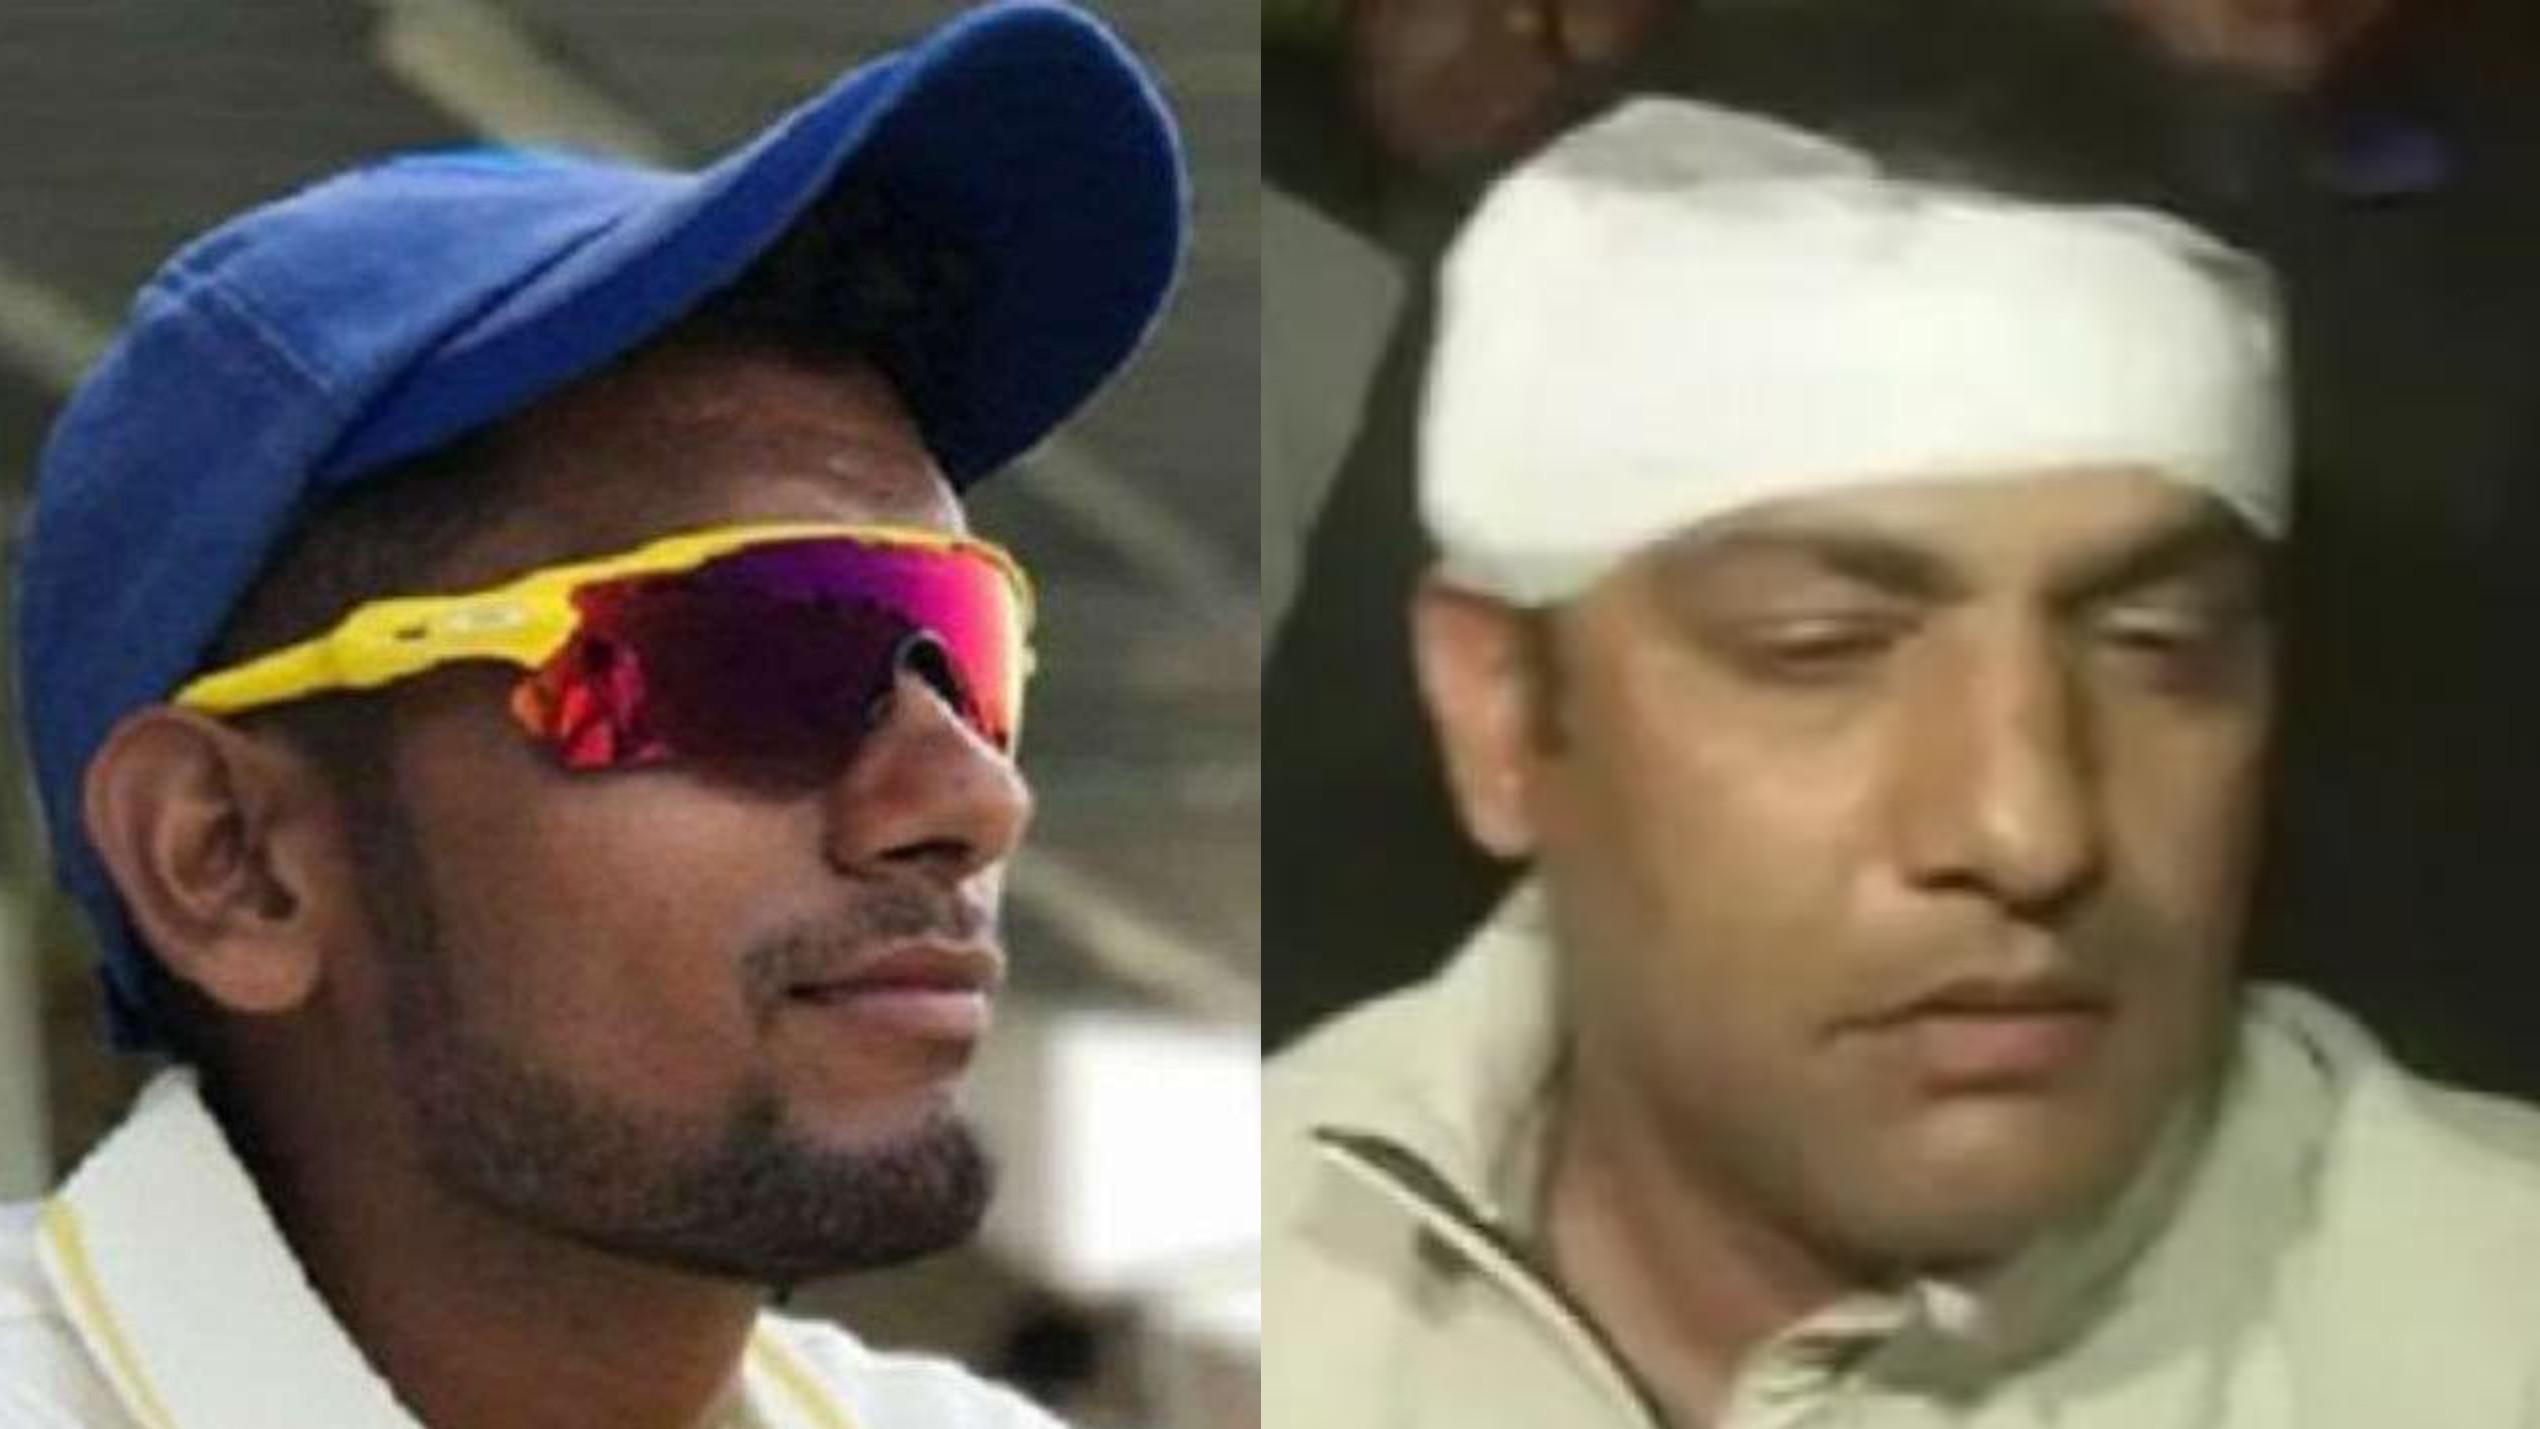 दिल्ली के चयनकर्ता अमित भंडारी पर हमला करने वाले क्रिकेटर अनुज डेढ़ा पर लगा आजीवन प्रतिबंध